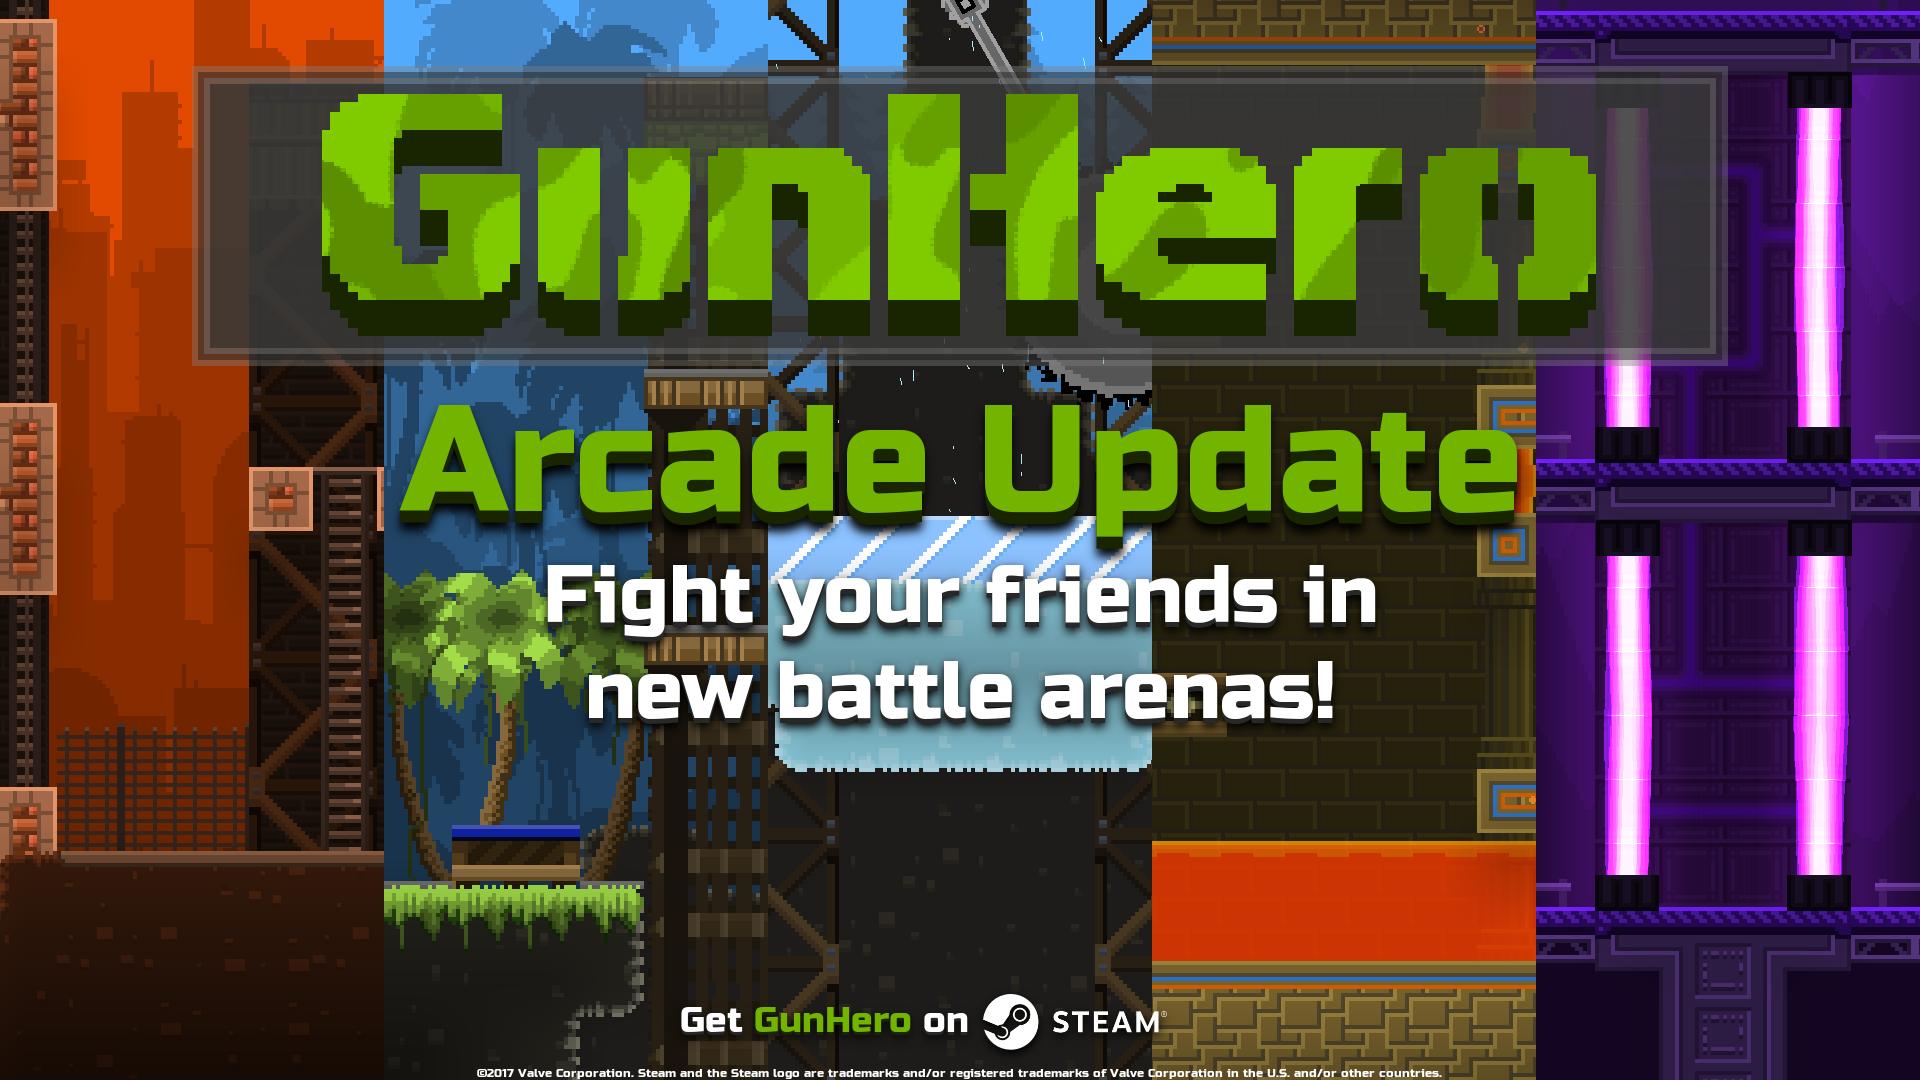 Arcade Banner